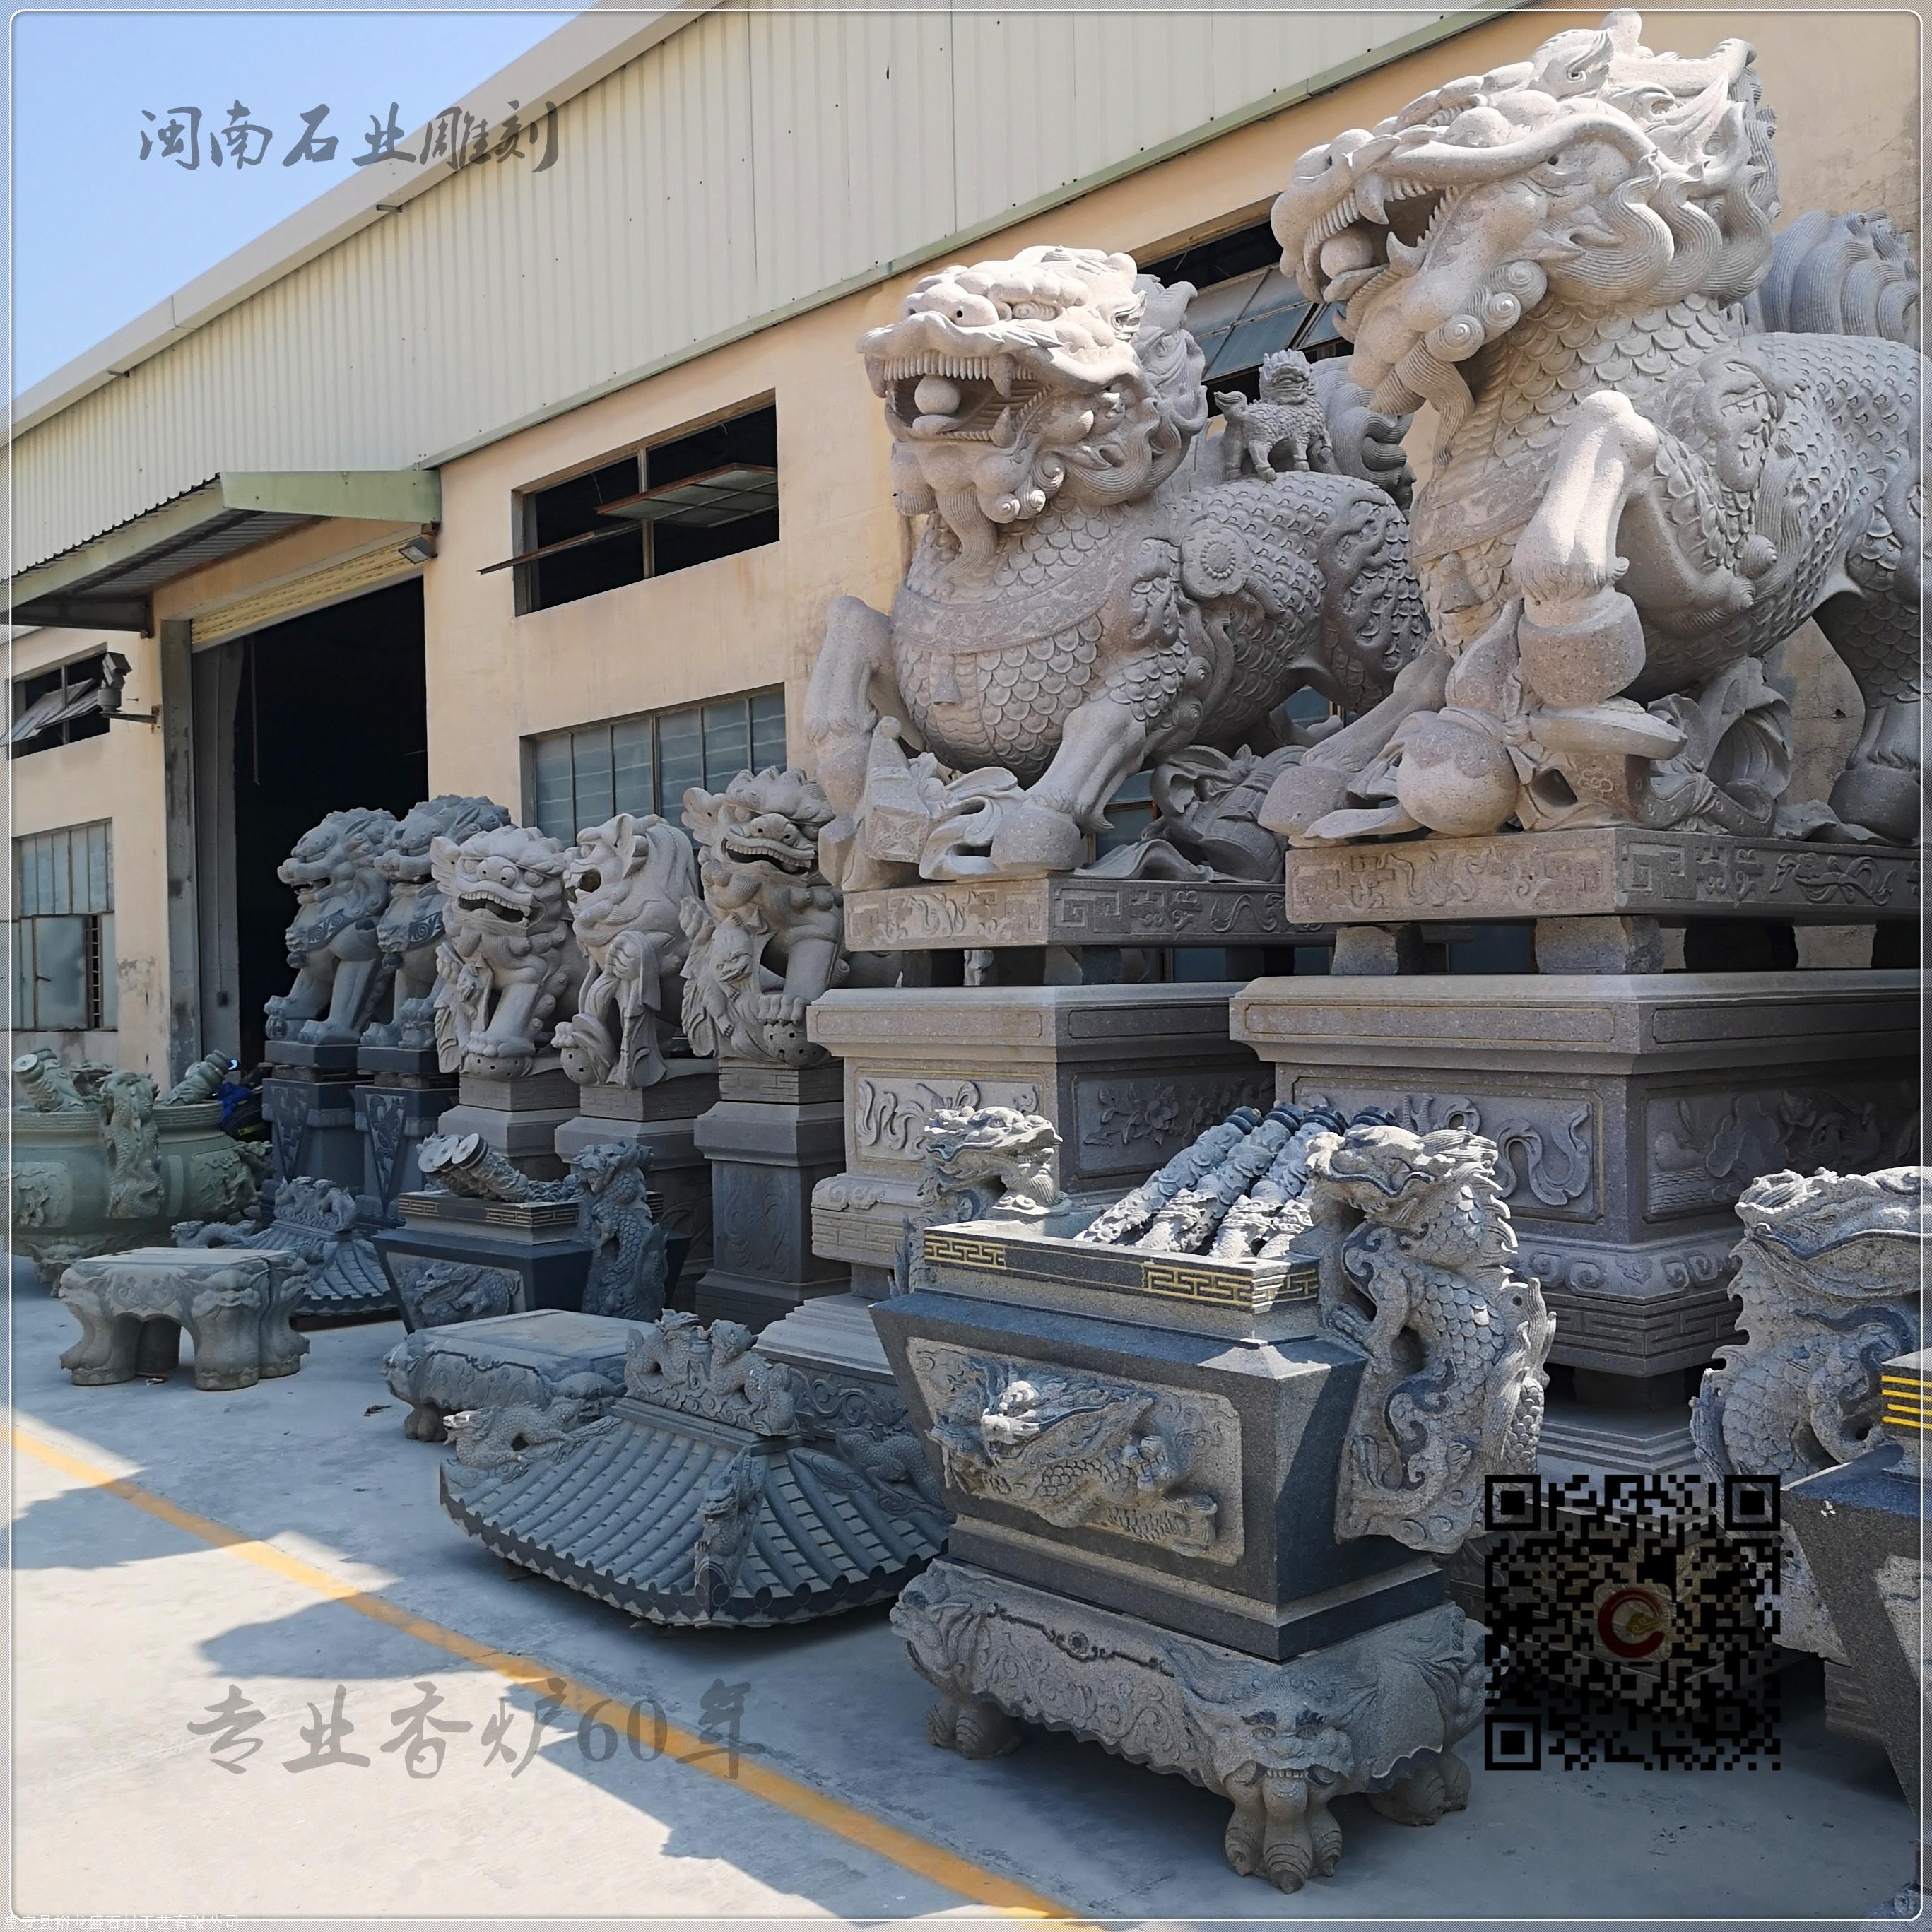 供给石雕喷鼻炉 天然石头喷鼻炉雕刻 石雕工艺品 福建石雕厂家直销